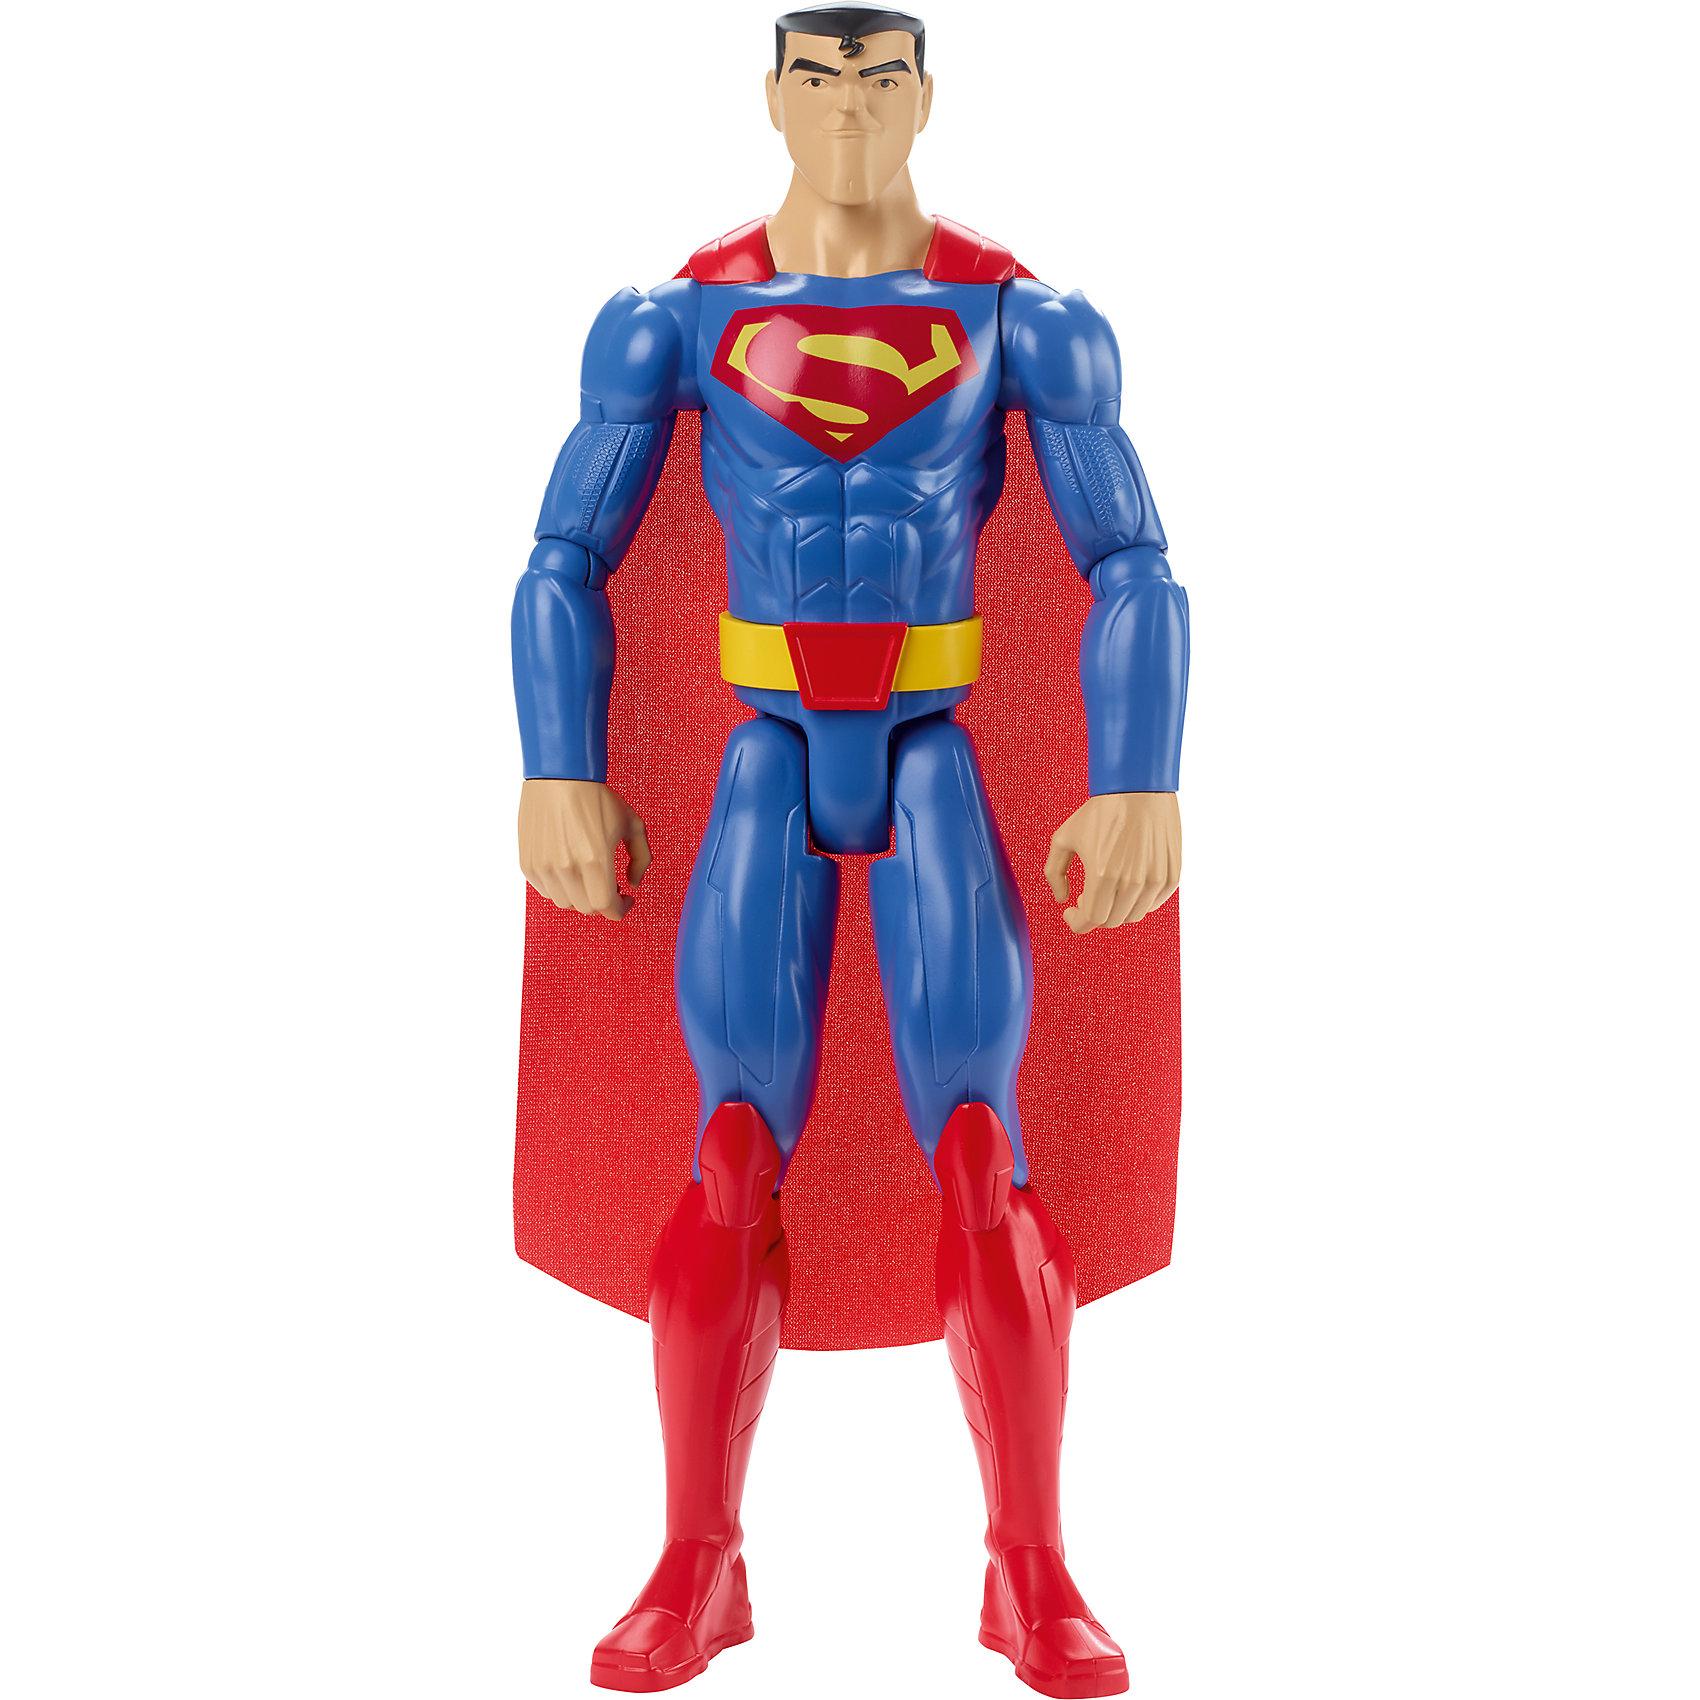 Базовая фигурка Супермен, БэтменКоллекционные и игровые фигурки<br>Характеристики товара:<br><br>• комплектация: 1 фигурка<br>• материал: пластик<br>• серия: Лига Справедливости<br>• ноги гнутся<br>• высота фигурки: 30 см<br>• возраст: от трех лет<br>• упаковка: коробка<br>• размер упаковки: 31х11х5 см<br>• вес: 0,3 кг<br>• страна бренда: США<br><br>Отличный подарок для любителей супергероев! Такая фигурка позволит придумать множество игр со своими любимыми персонажами. Она отлично детализирована. Высота - 30 сантиметров, поэтому и выглядит супергерой внушительно.<br><br>Игры с подобными фигурками - это не только весело, они помогают детям развить воображение, творческое и пространственное мышление, мелкую моторику . Игрушки от бренда Mattel отличаются стабильно высоким качеством и уже давно радуют детей по всему миру! <br><br>Базовую фигурку Супермен от компании Mattel можно купить в нашем интернет-магазине.<br><br>Ширина мм: 311<br>Глубина мм: 106<br>Высота мм: 58<br>Вес г: 239<br>Возраст от месяцев: 36<br>Возраст до месяцев: 96<br>Пол: Мужской<br>Возраст: Детский<br>SKU: 5197060